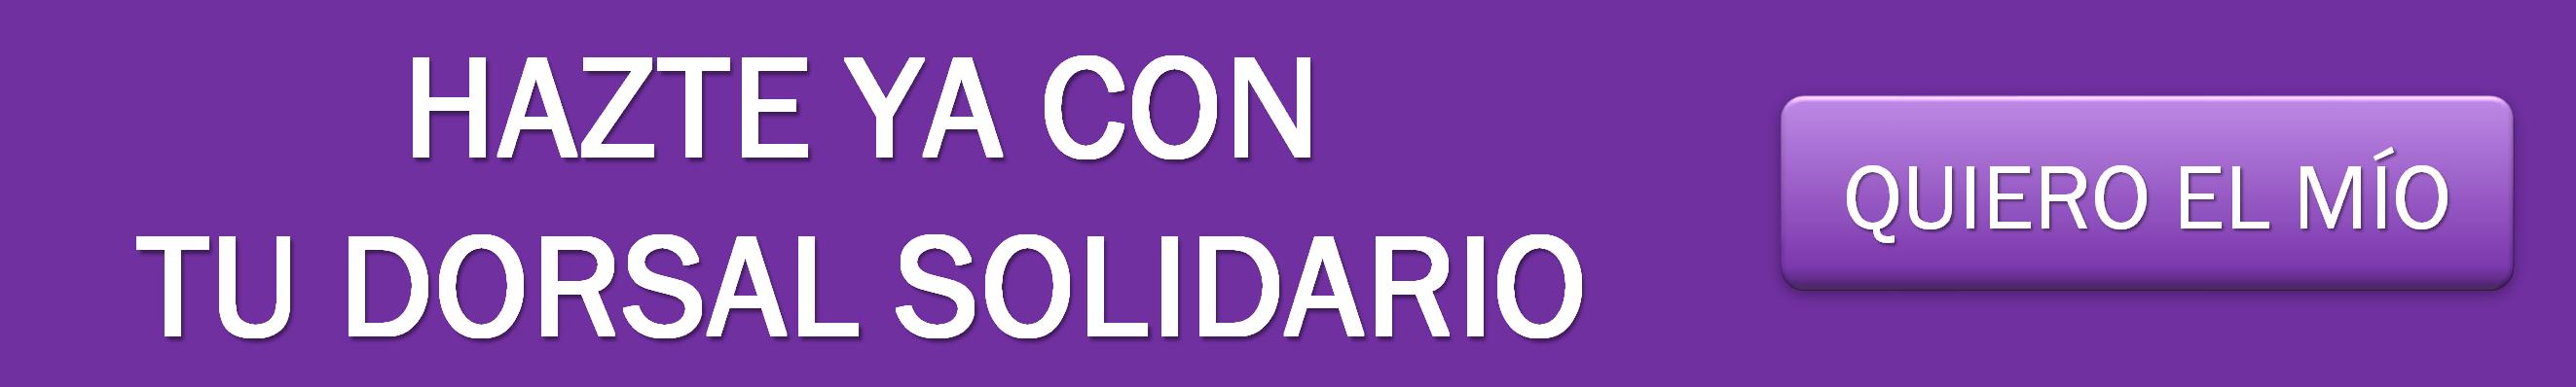 banner dorsal solidario